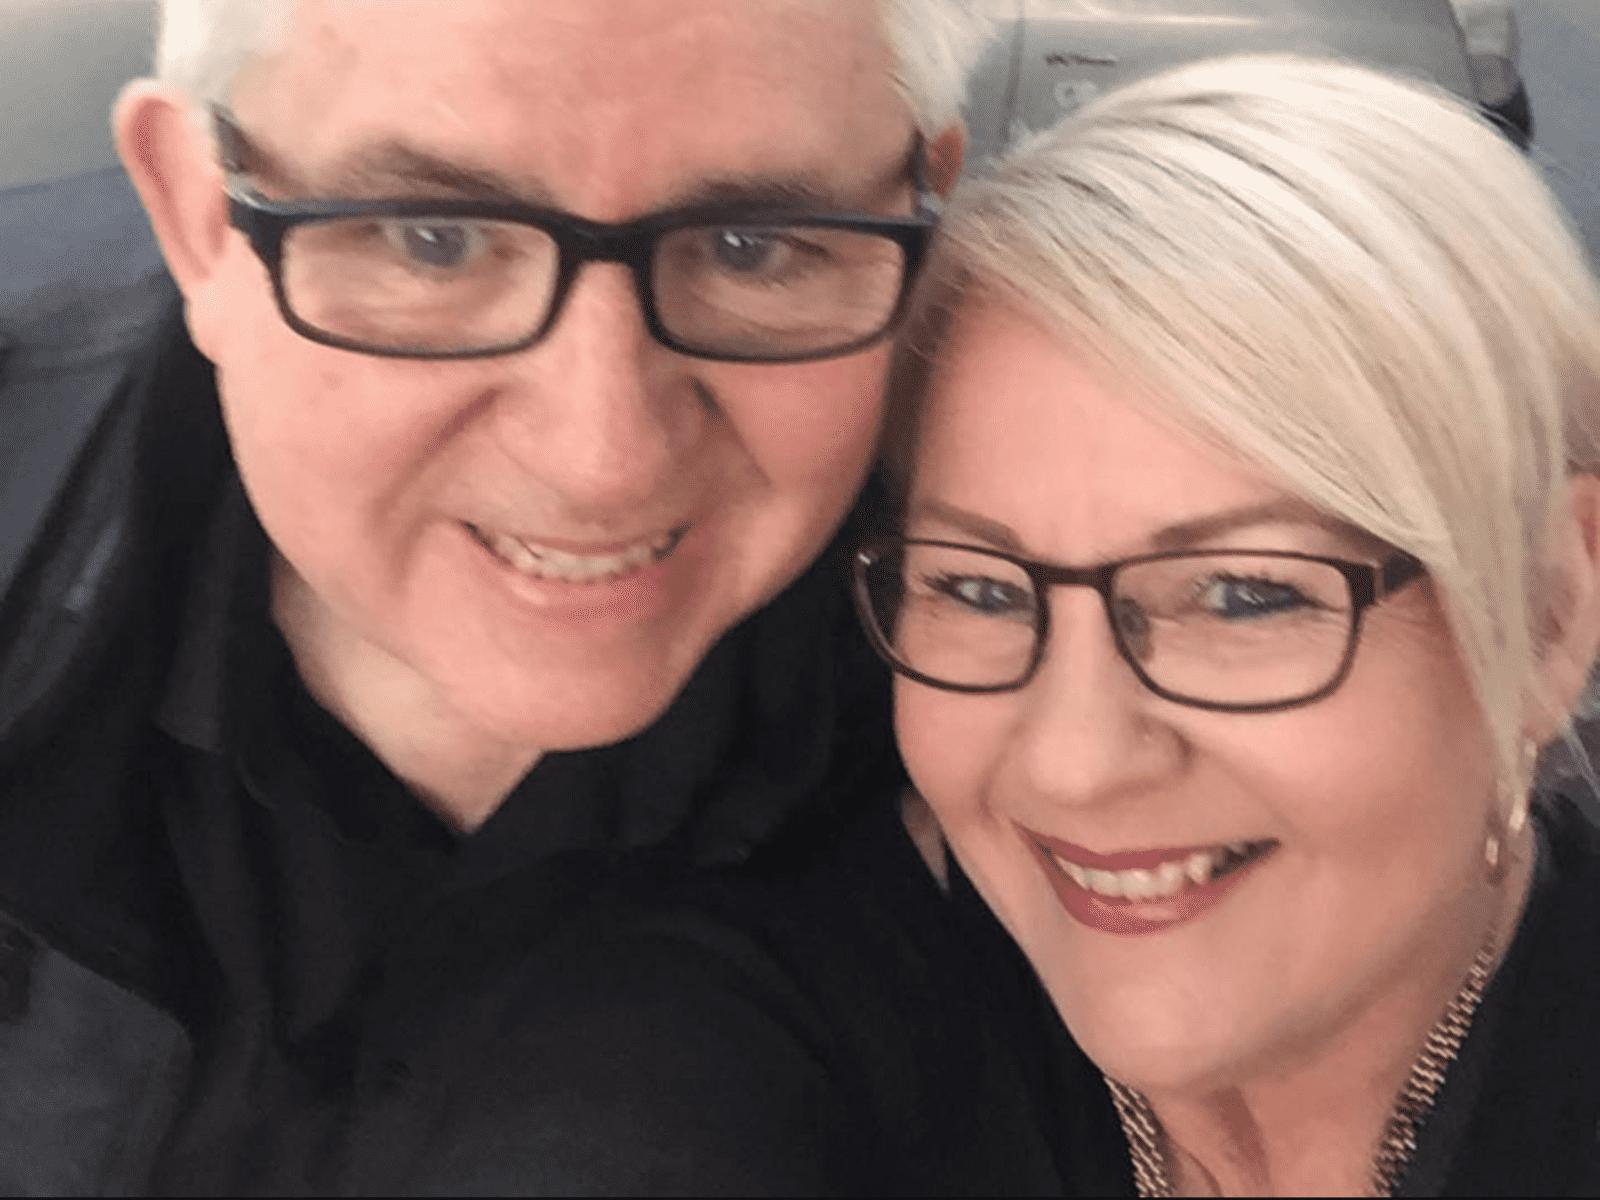 Joanne & Steve from Ingleside, New South Wales, Australia